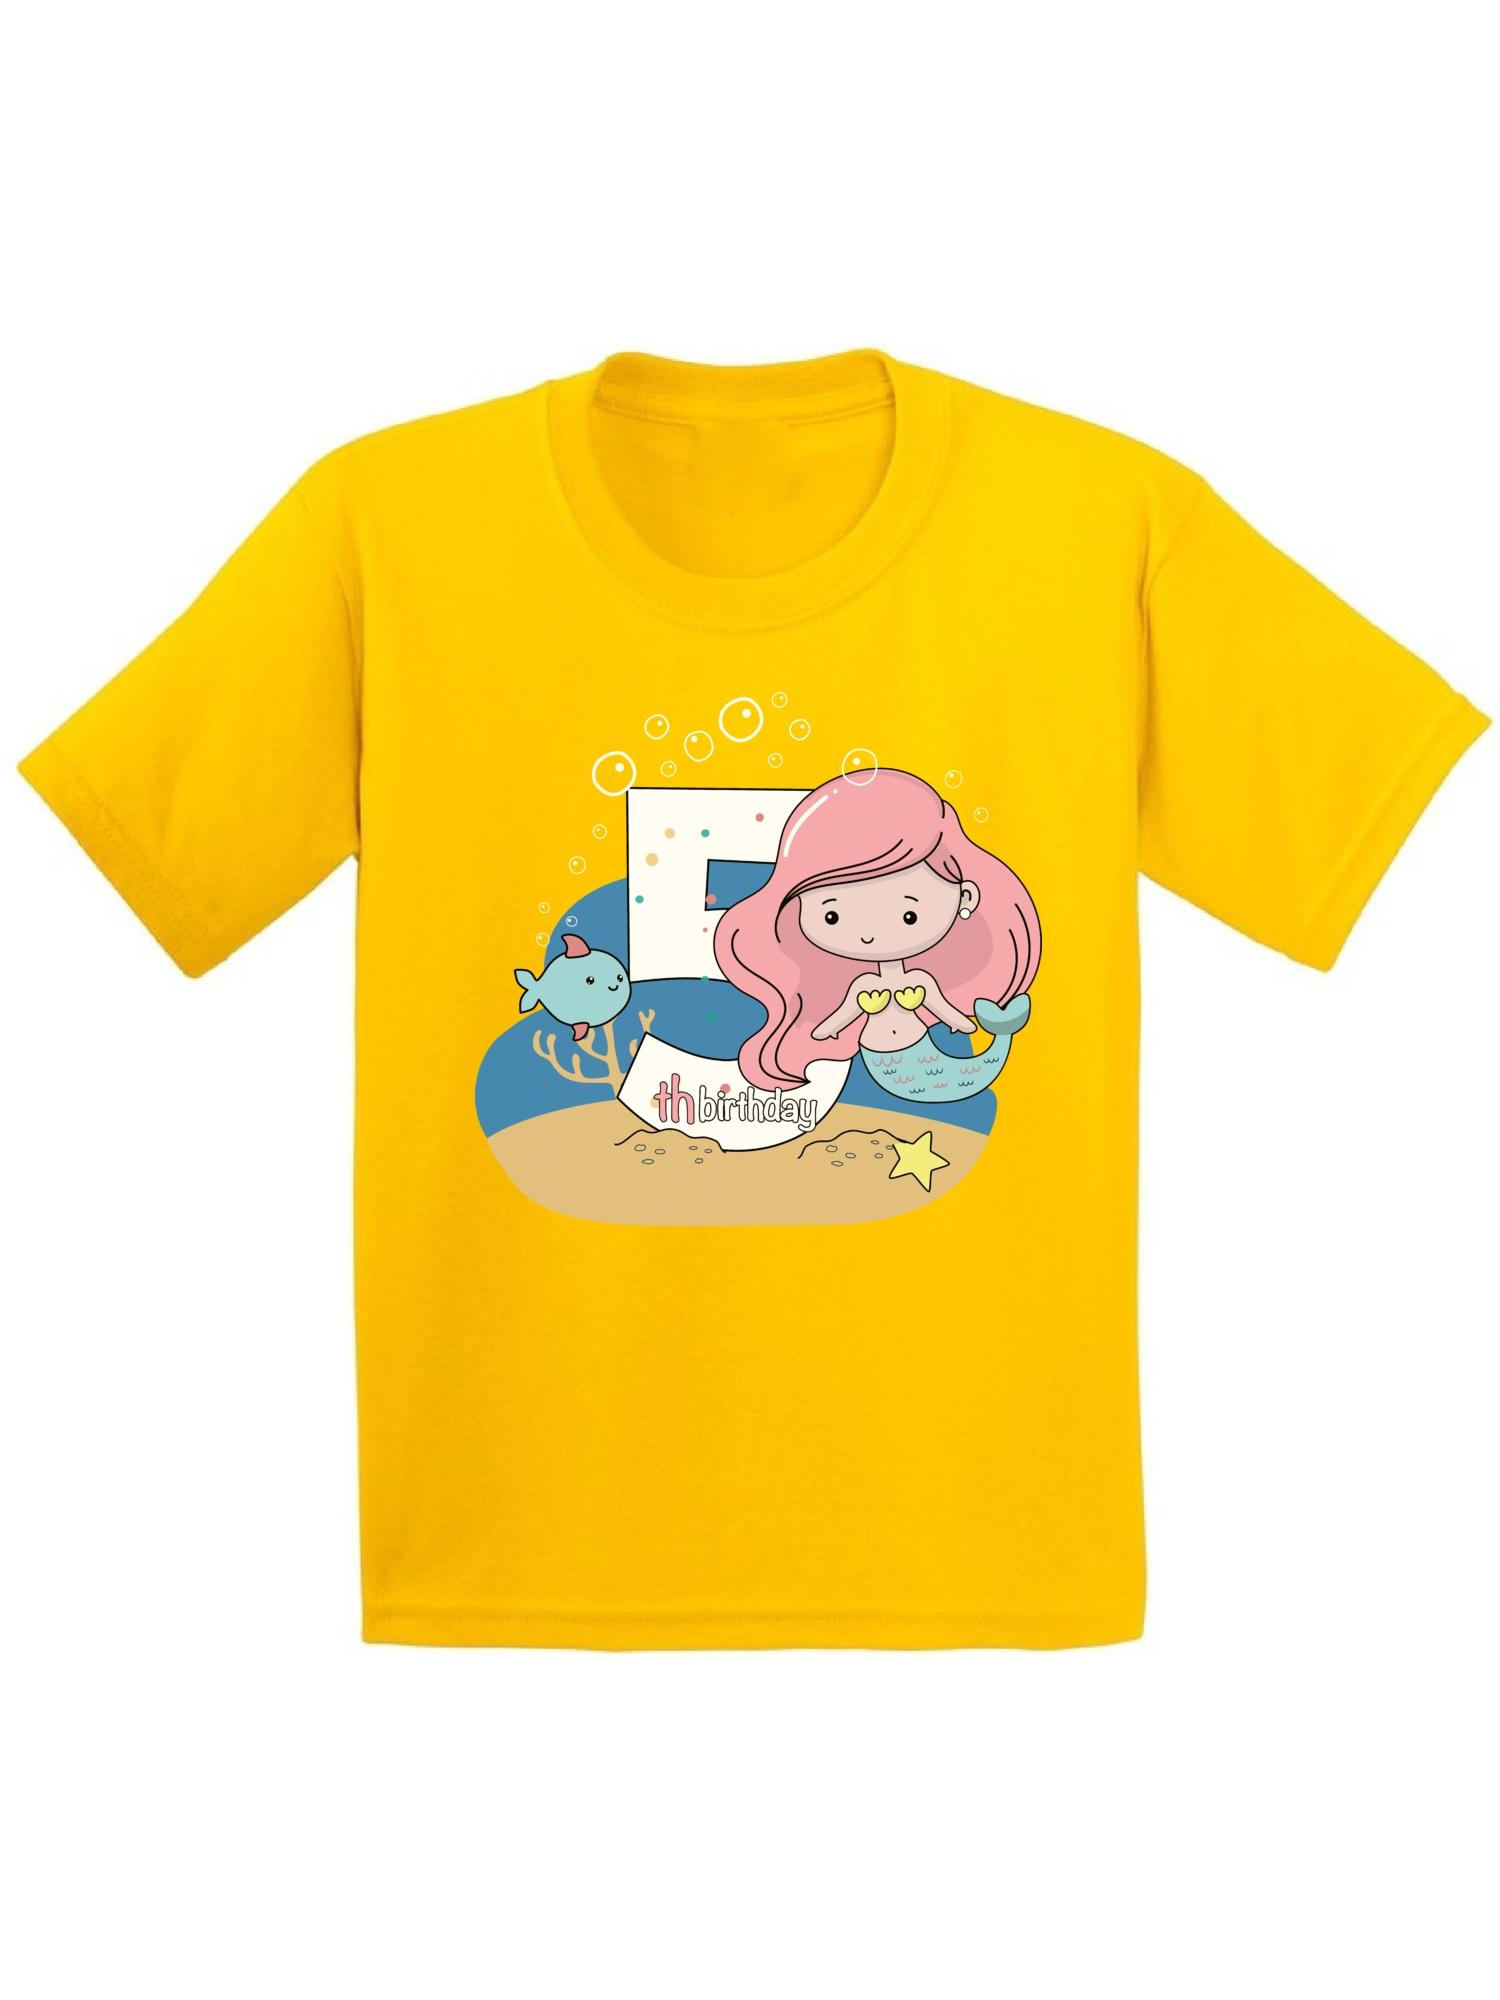 Mermaid Gift Mermaid Birthday T-Shirt Birthday Outfit for Girls